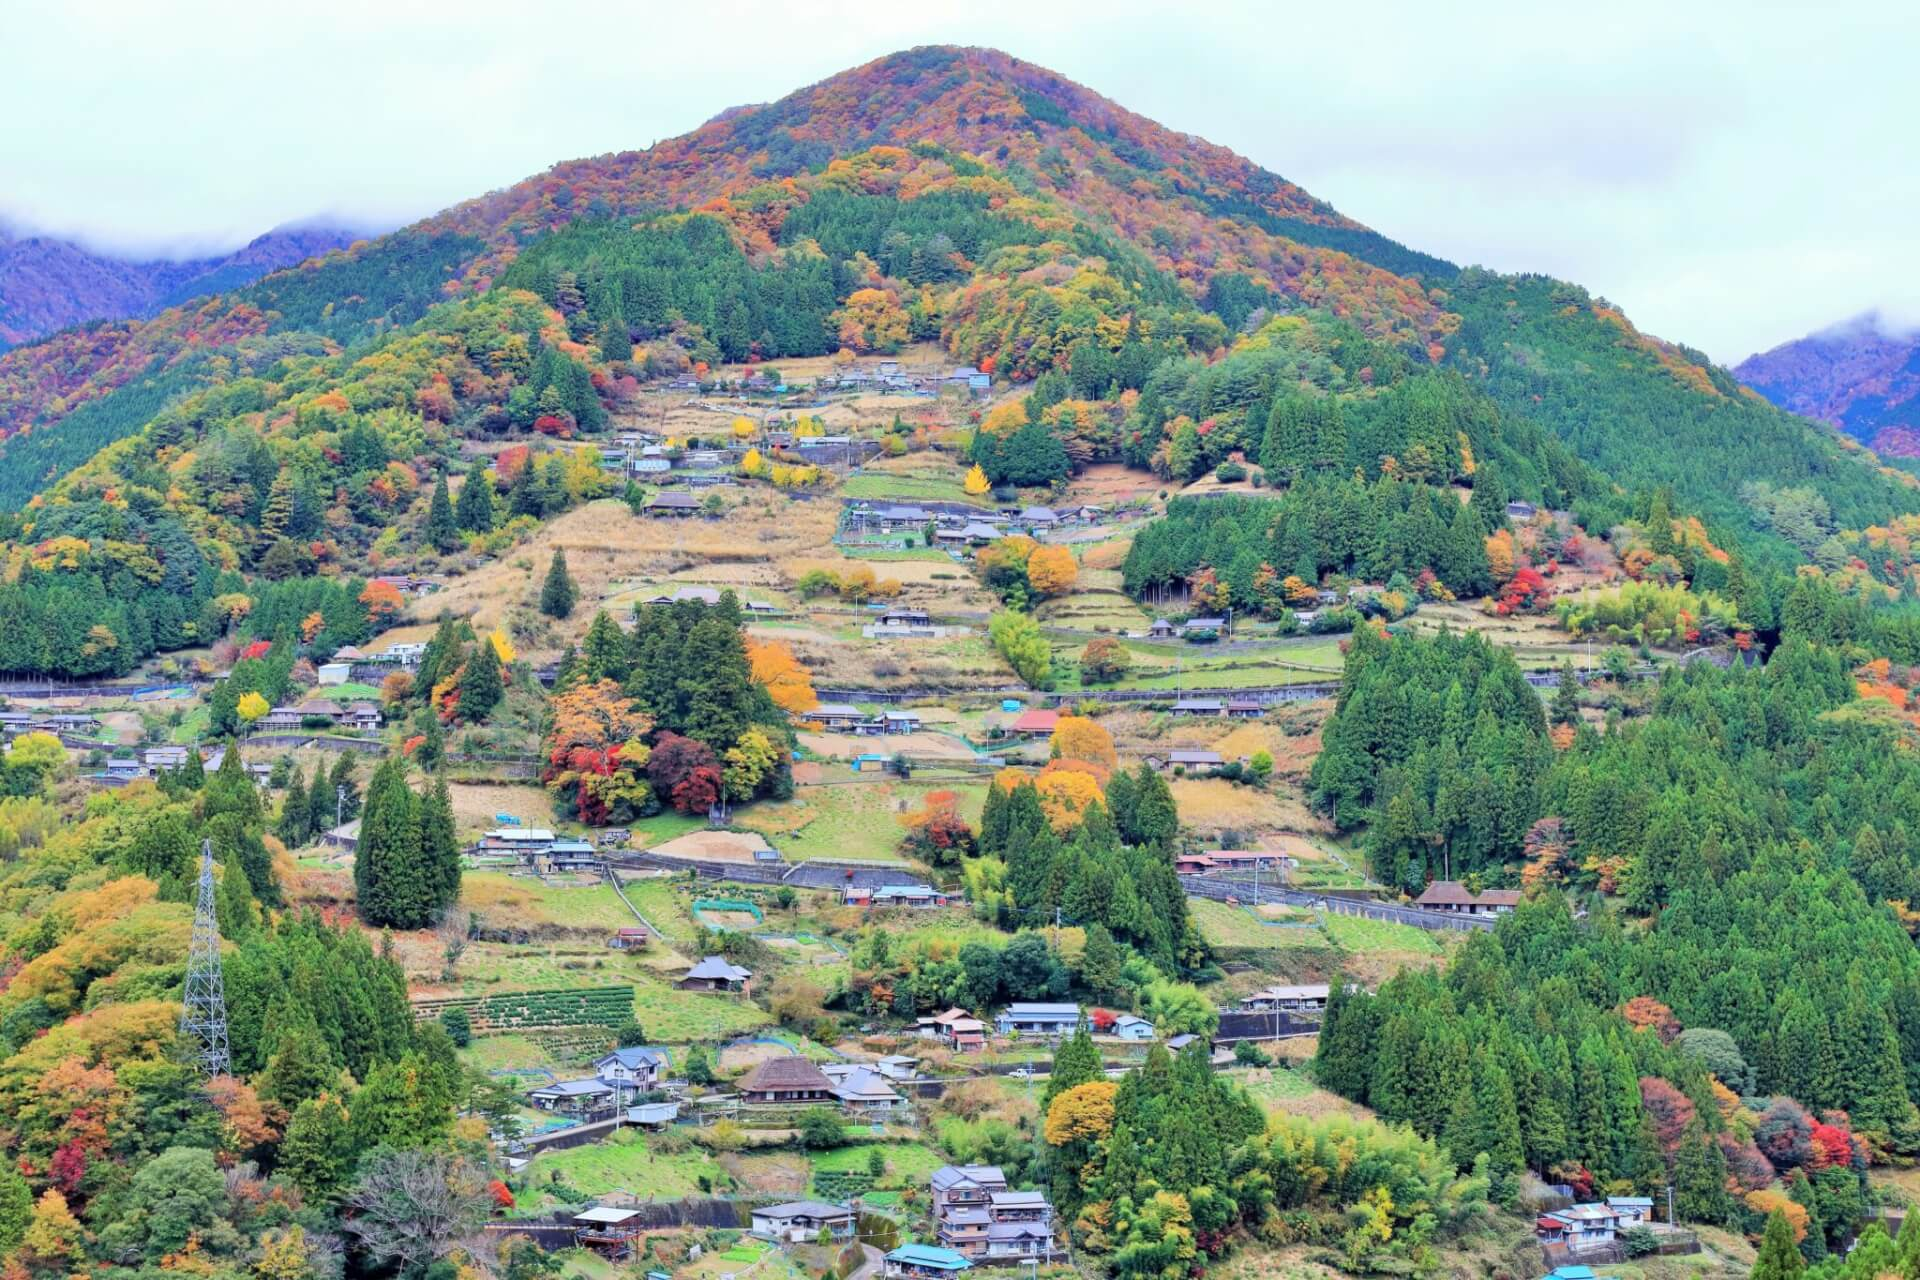 【国内・四国】 「日本で最も美しい村」上勝町と紅葉に染まる奥祖谷の桃源郷 徳島 里山スローツーリズムの旅